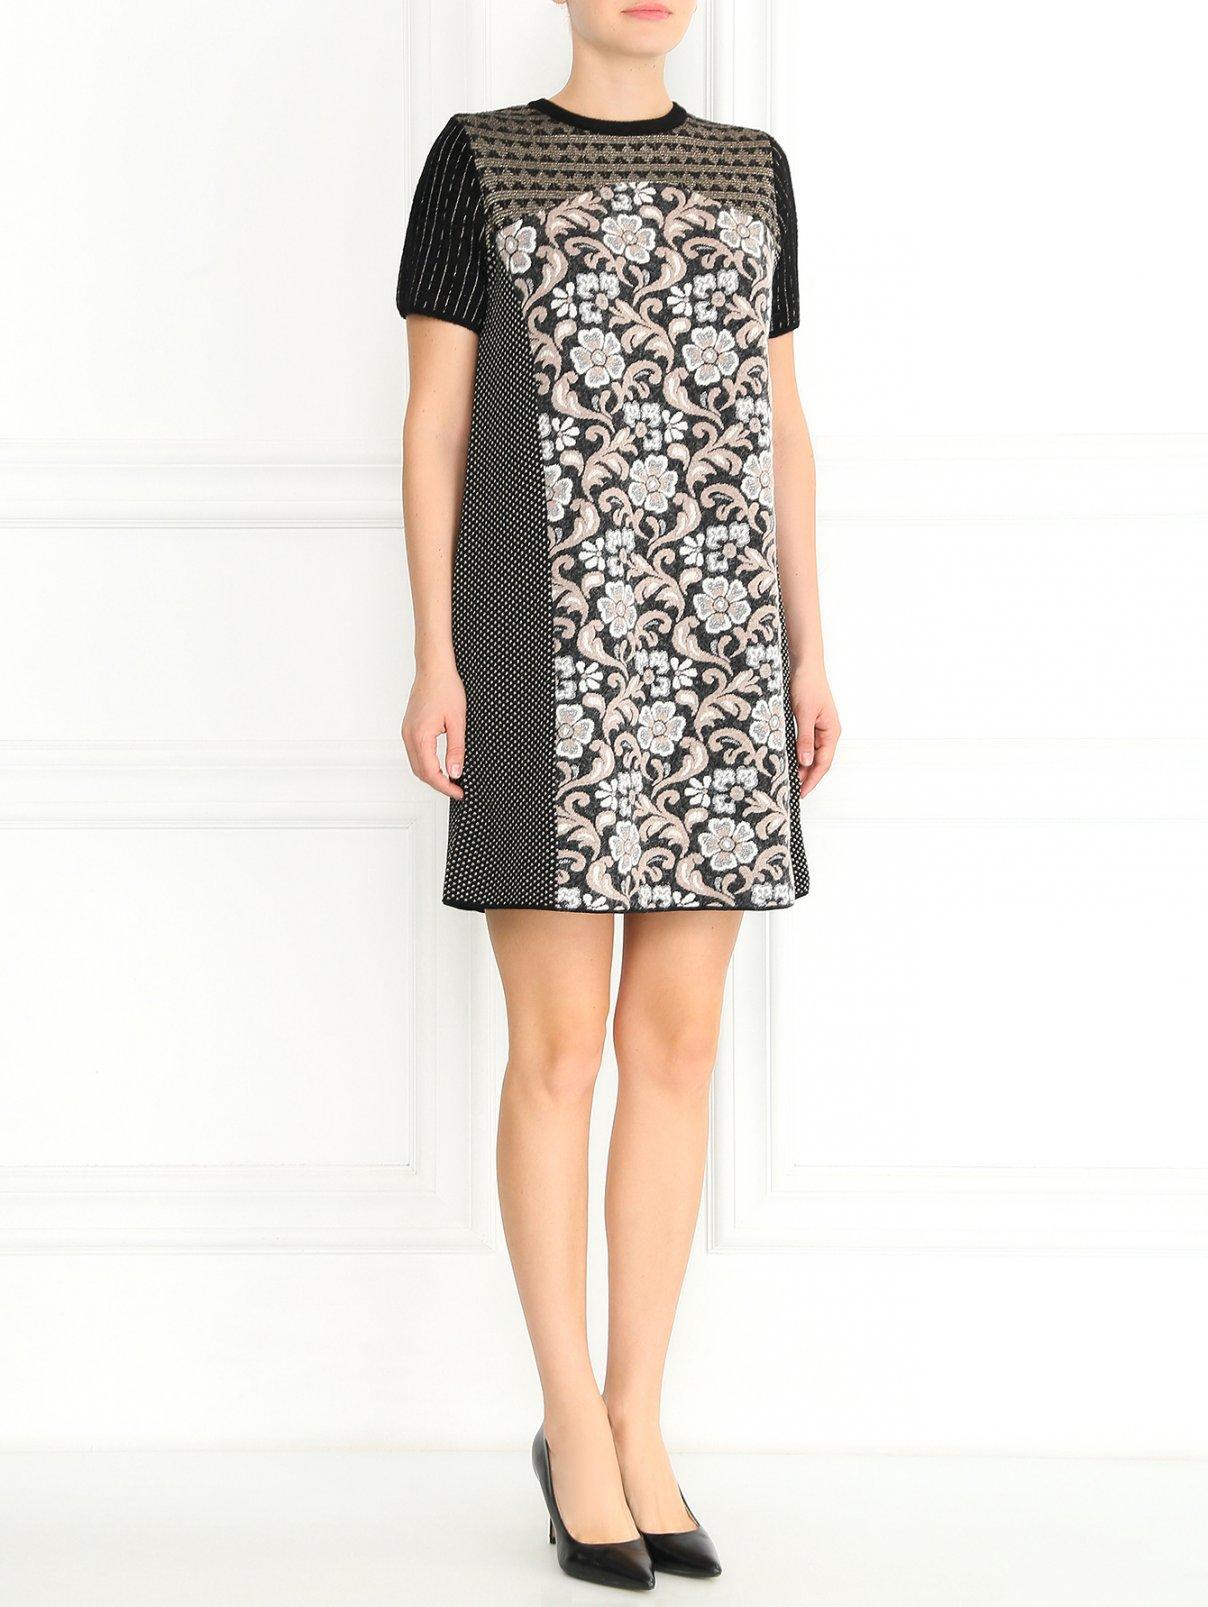 Трикотажное платье с короткими рукавами и узором Antonio Marras  –  Модель Общий вид